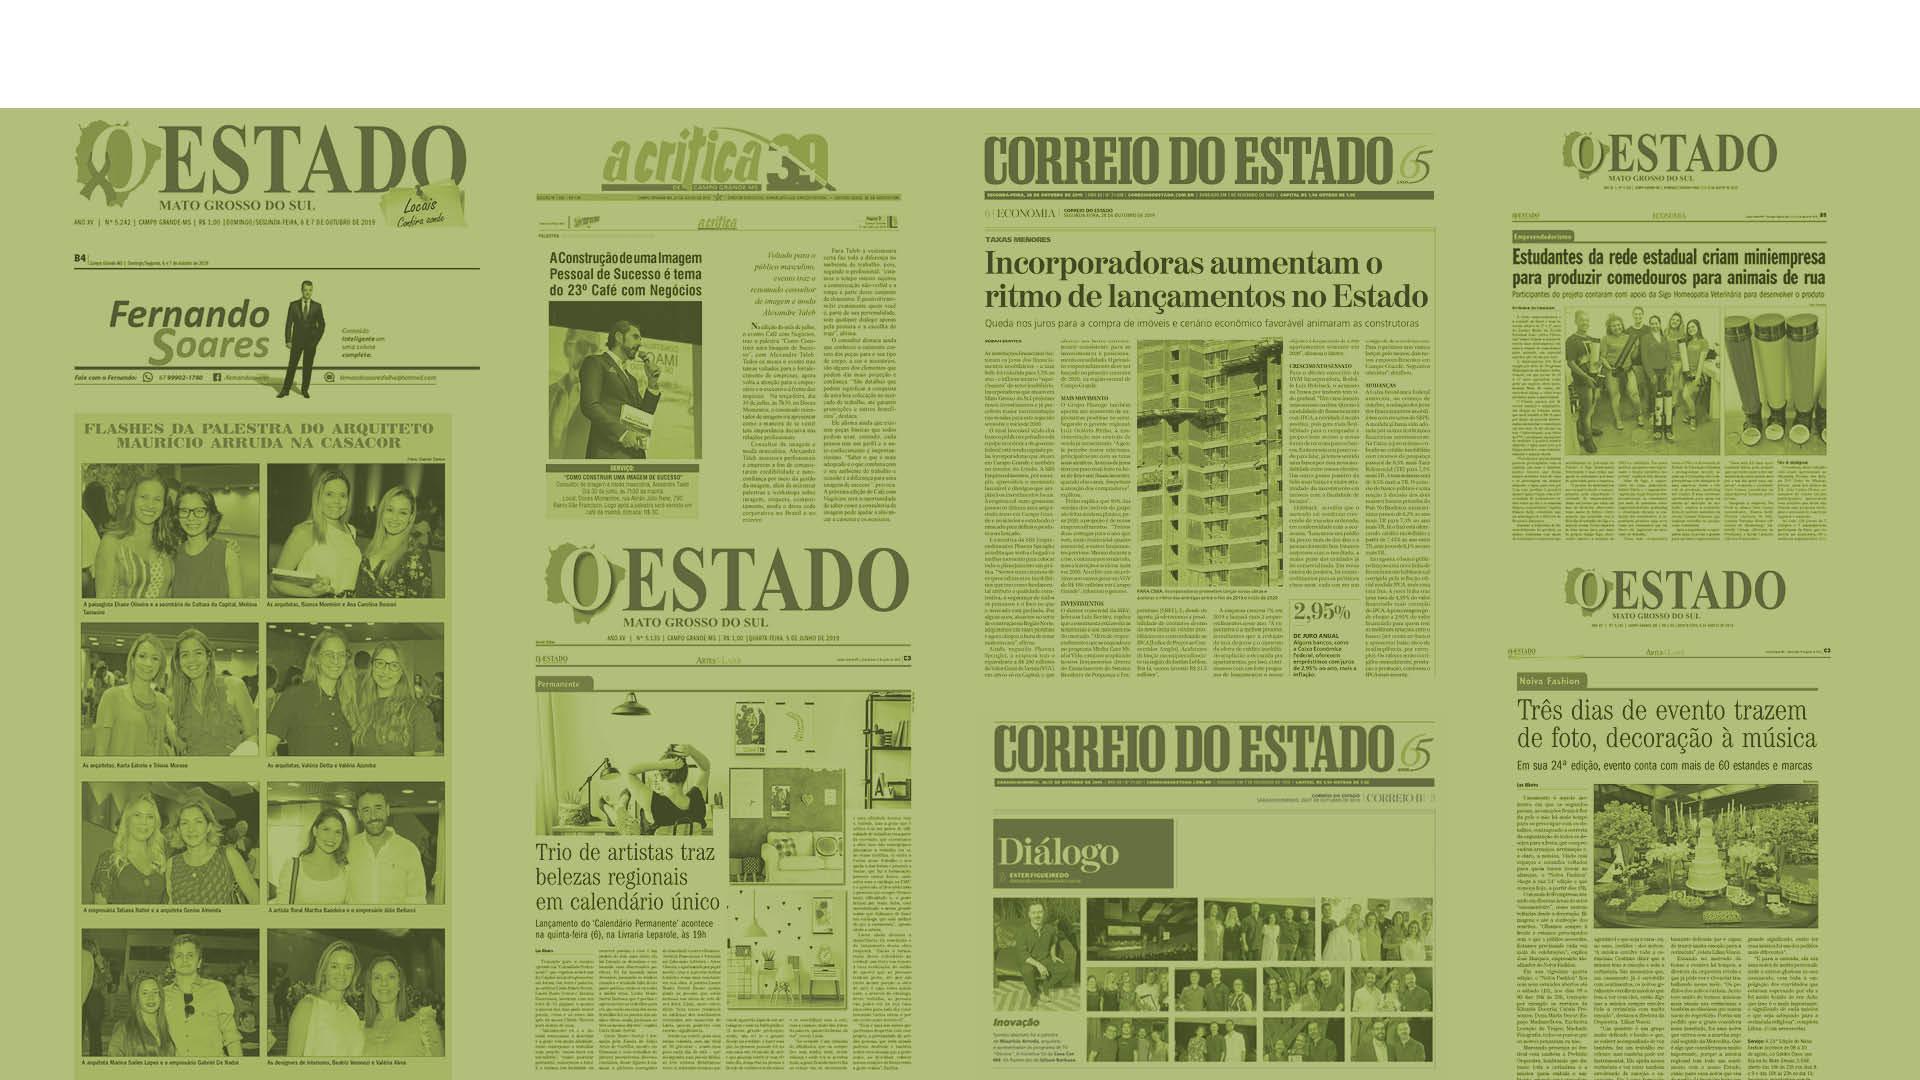 Contexto Mídia - Assessoria de Imprensa